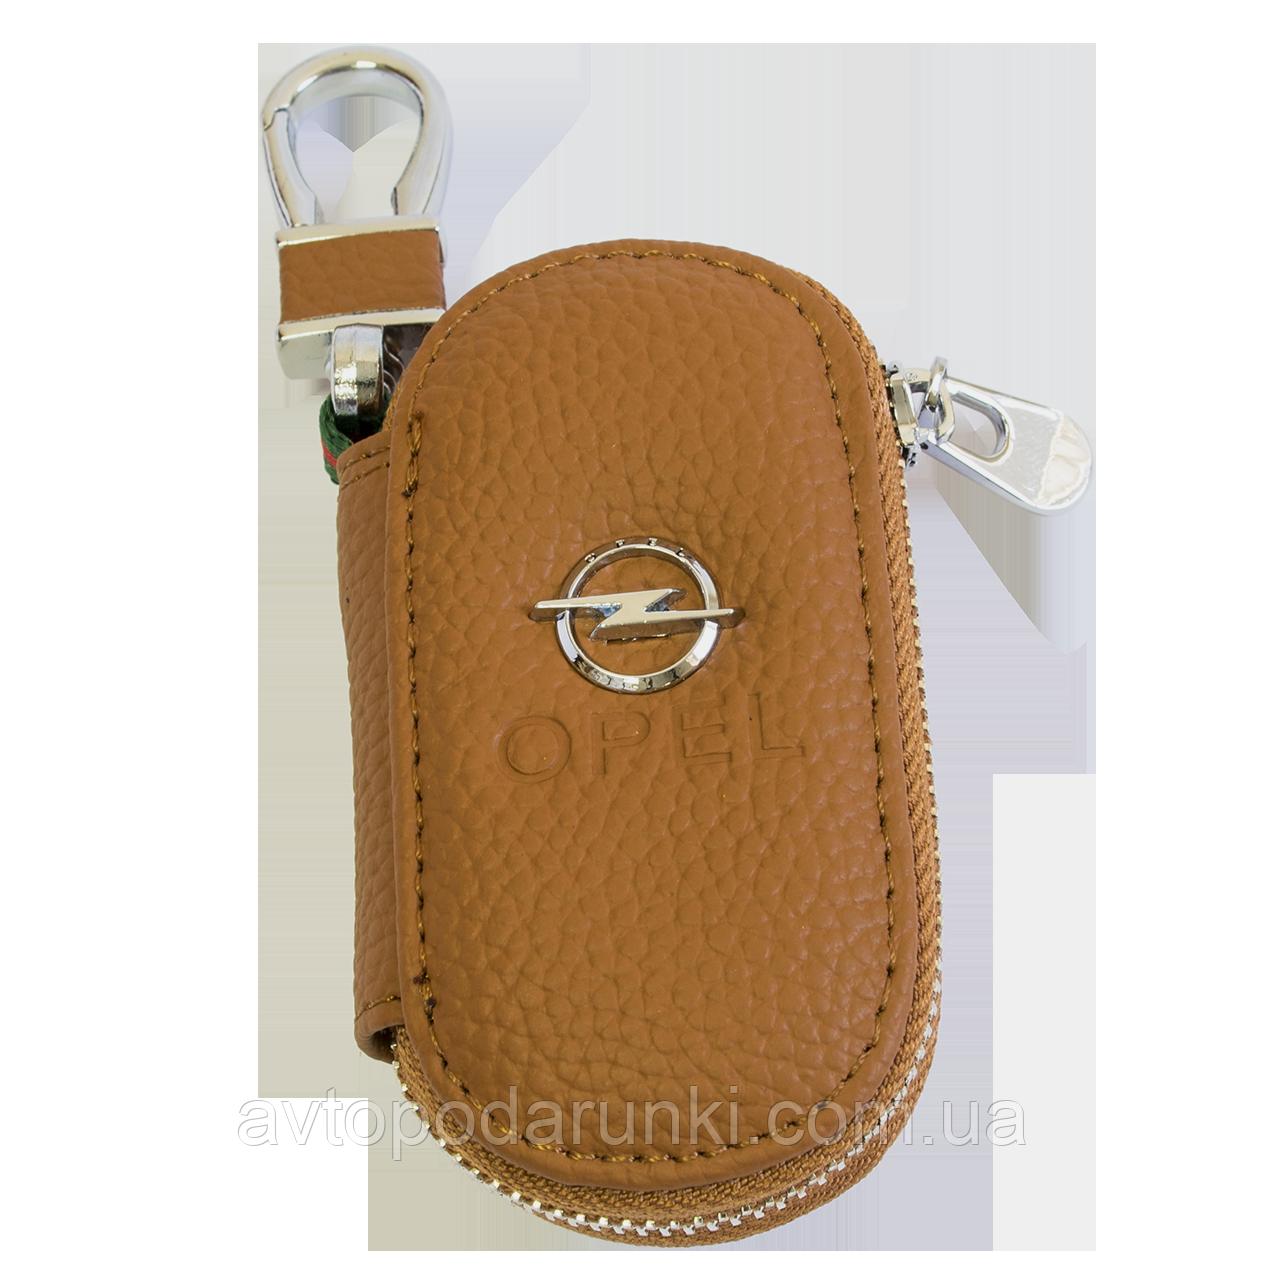 Ключница OPEL, кожаная автоключница с логотипом  ОПЕЛЬ (коричневая 18001)